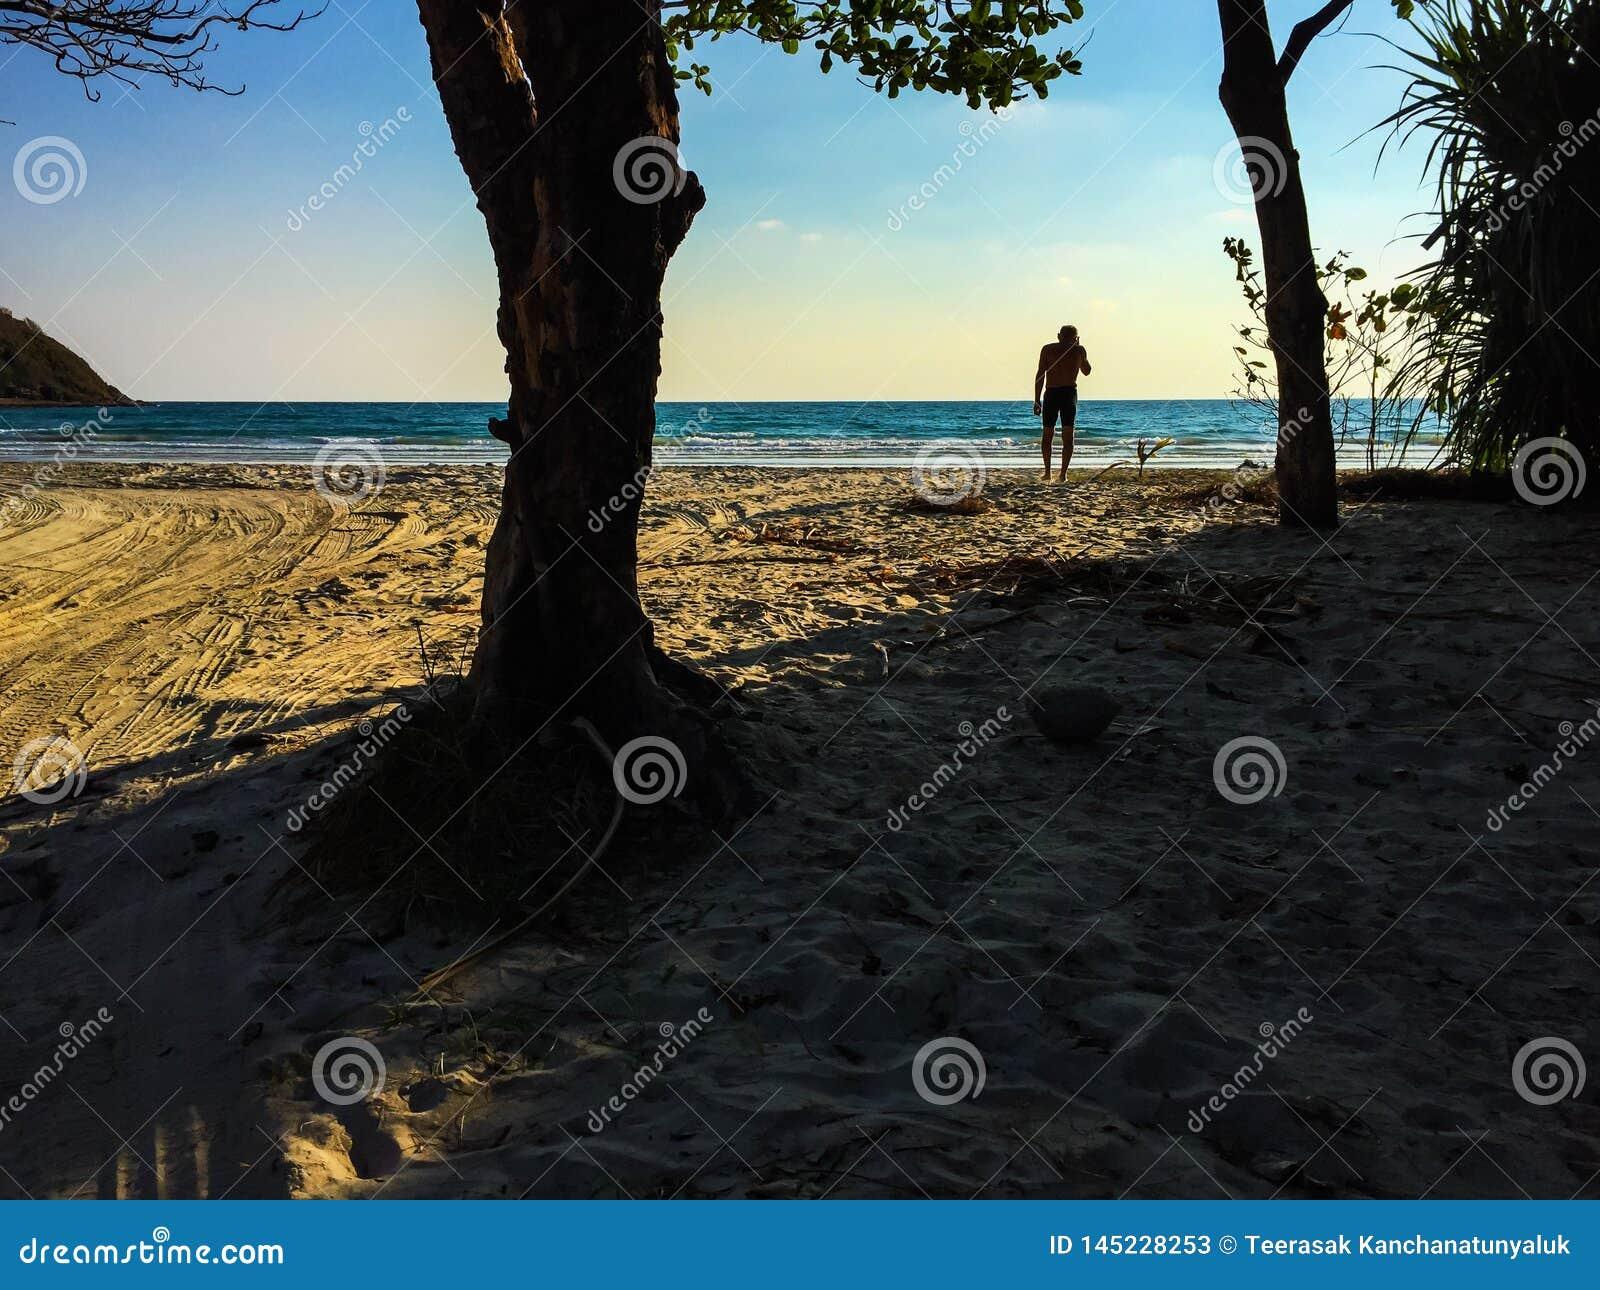 One man on the beach